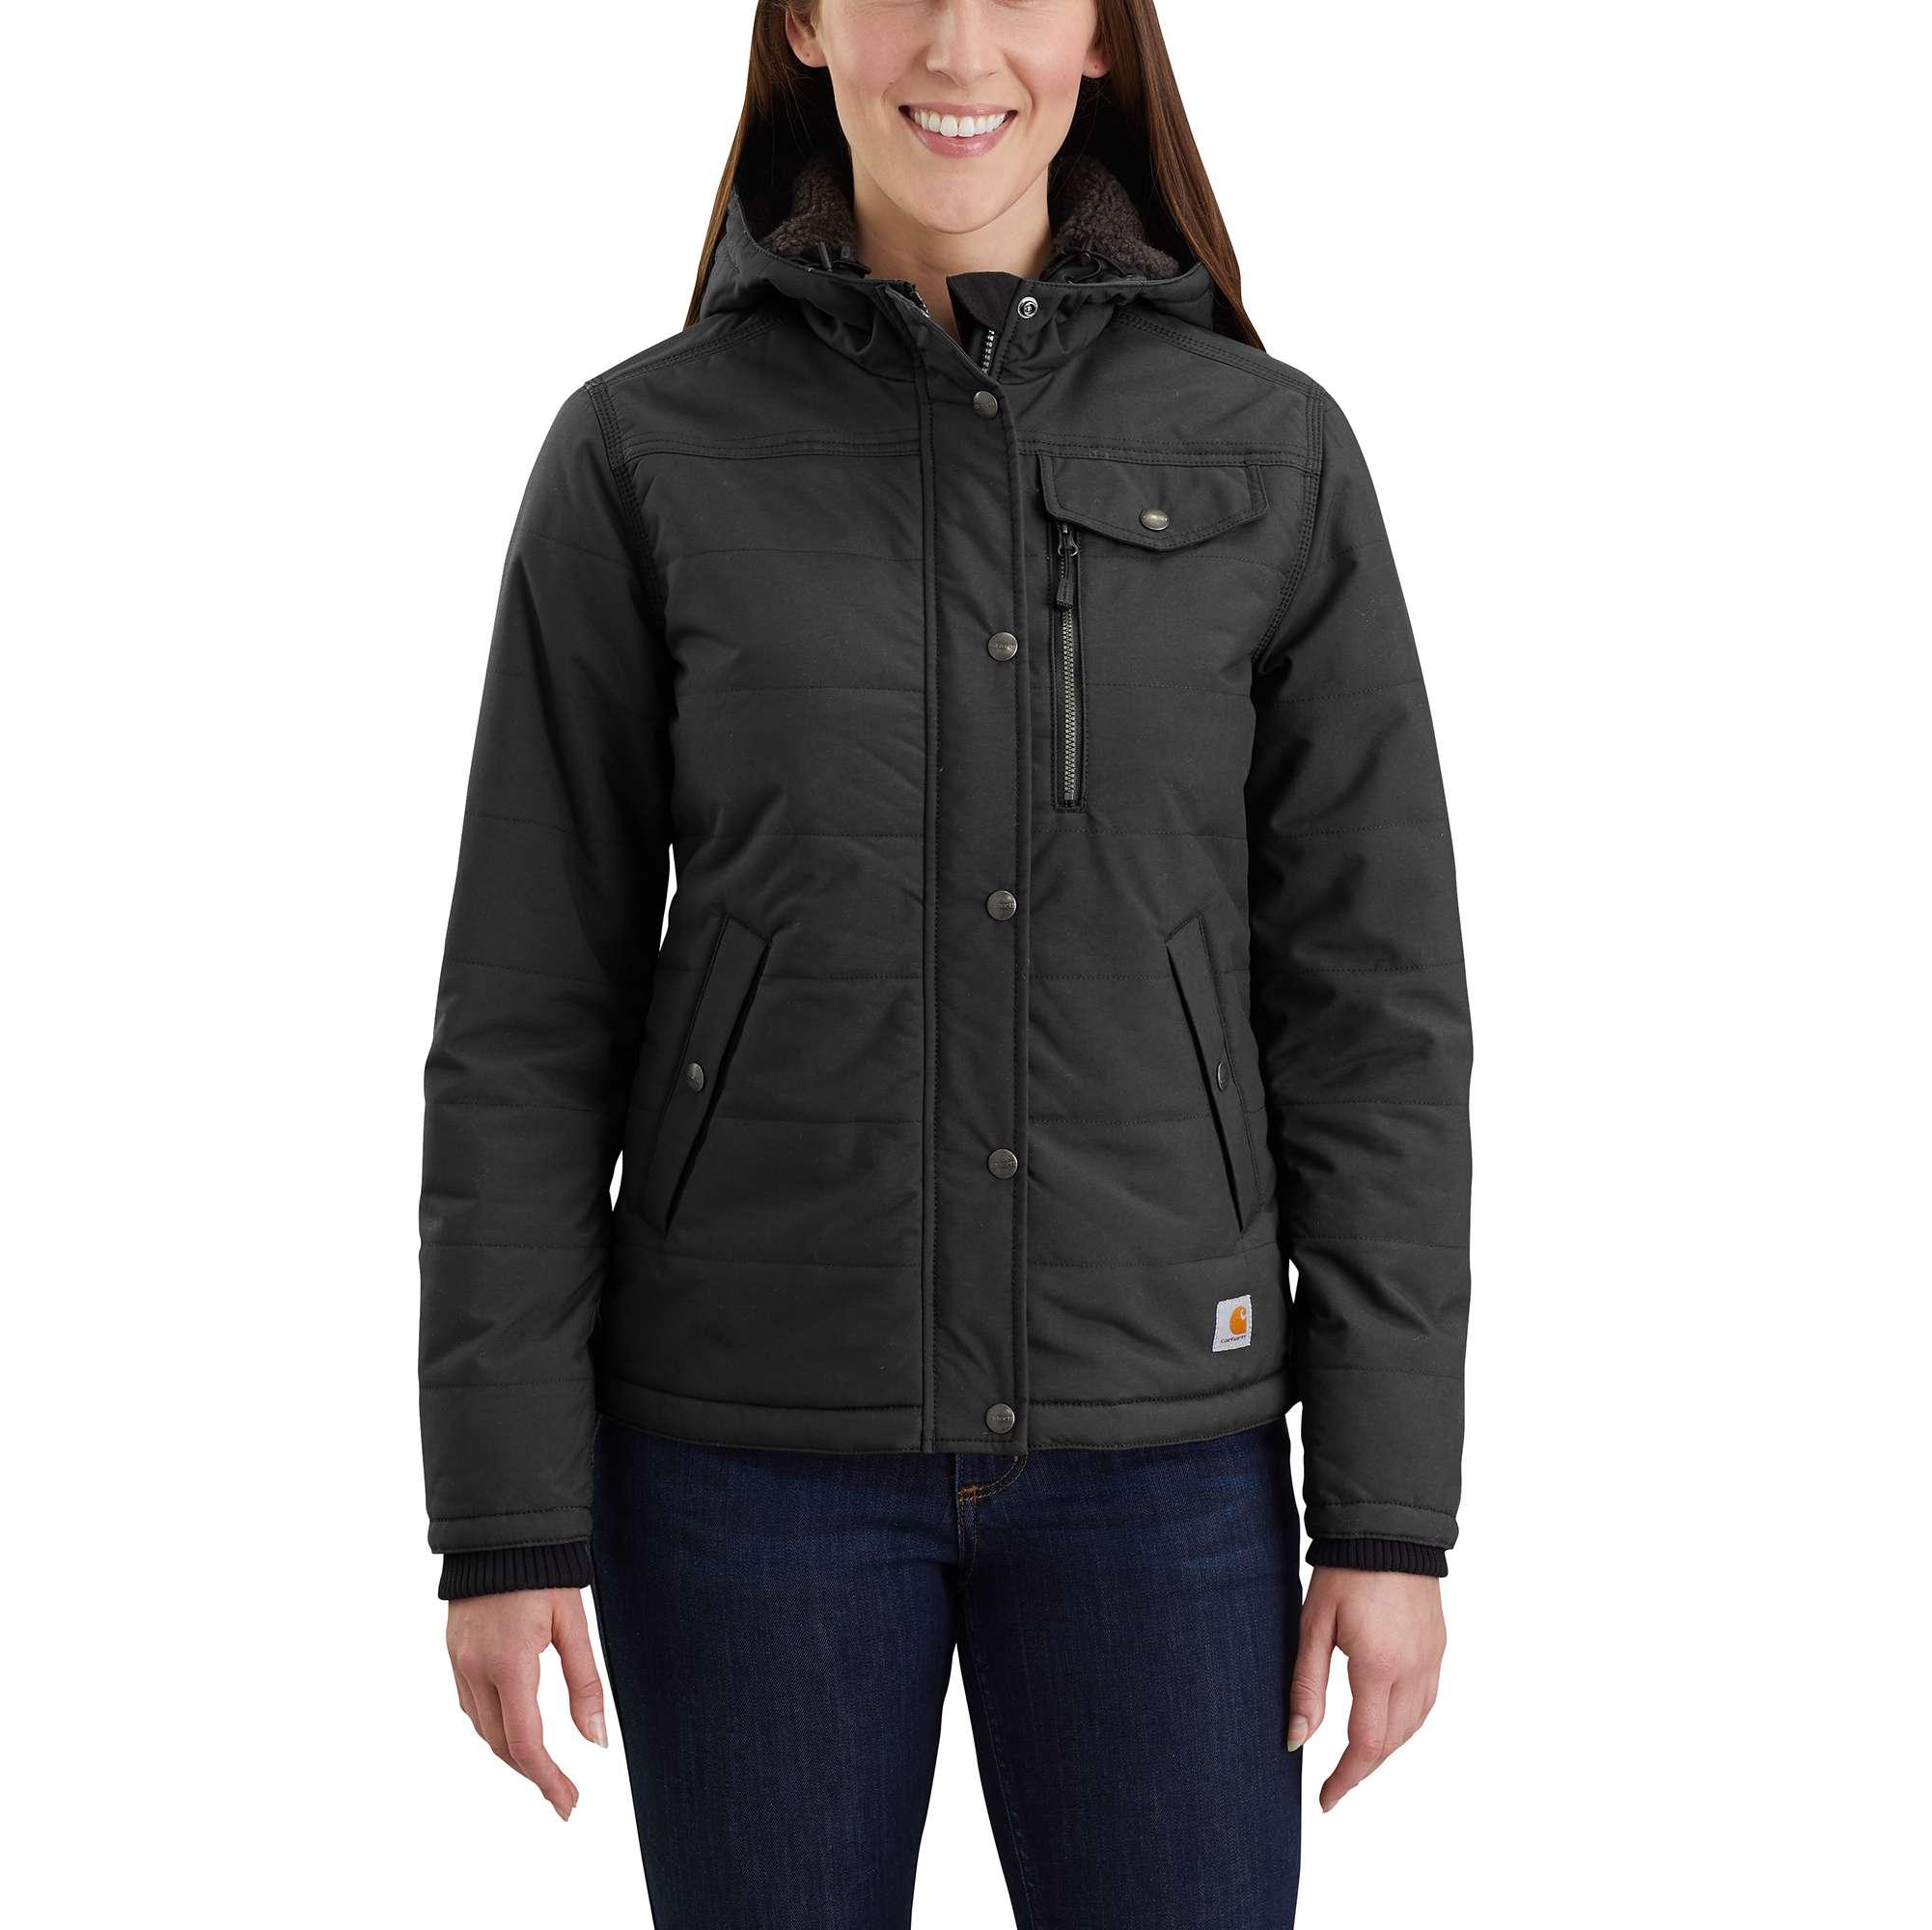 Carhartt Utility Jacket